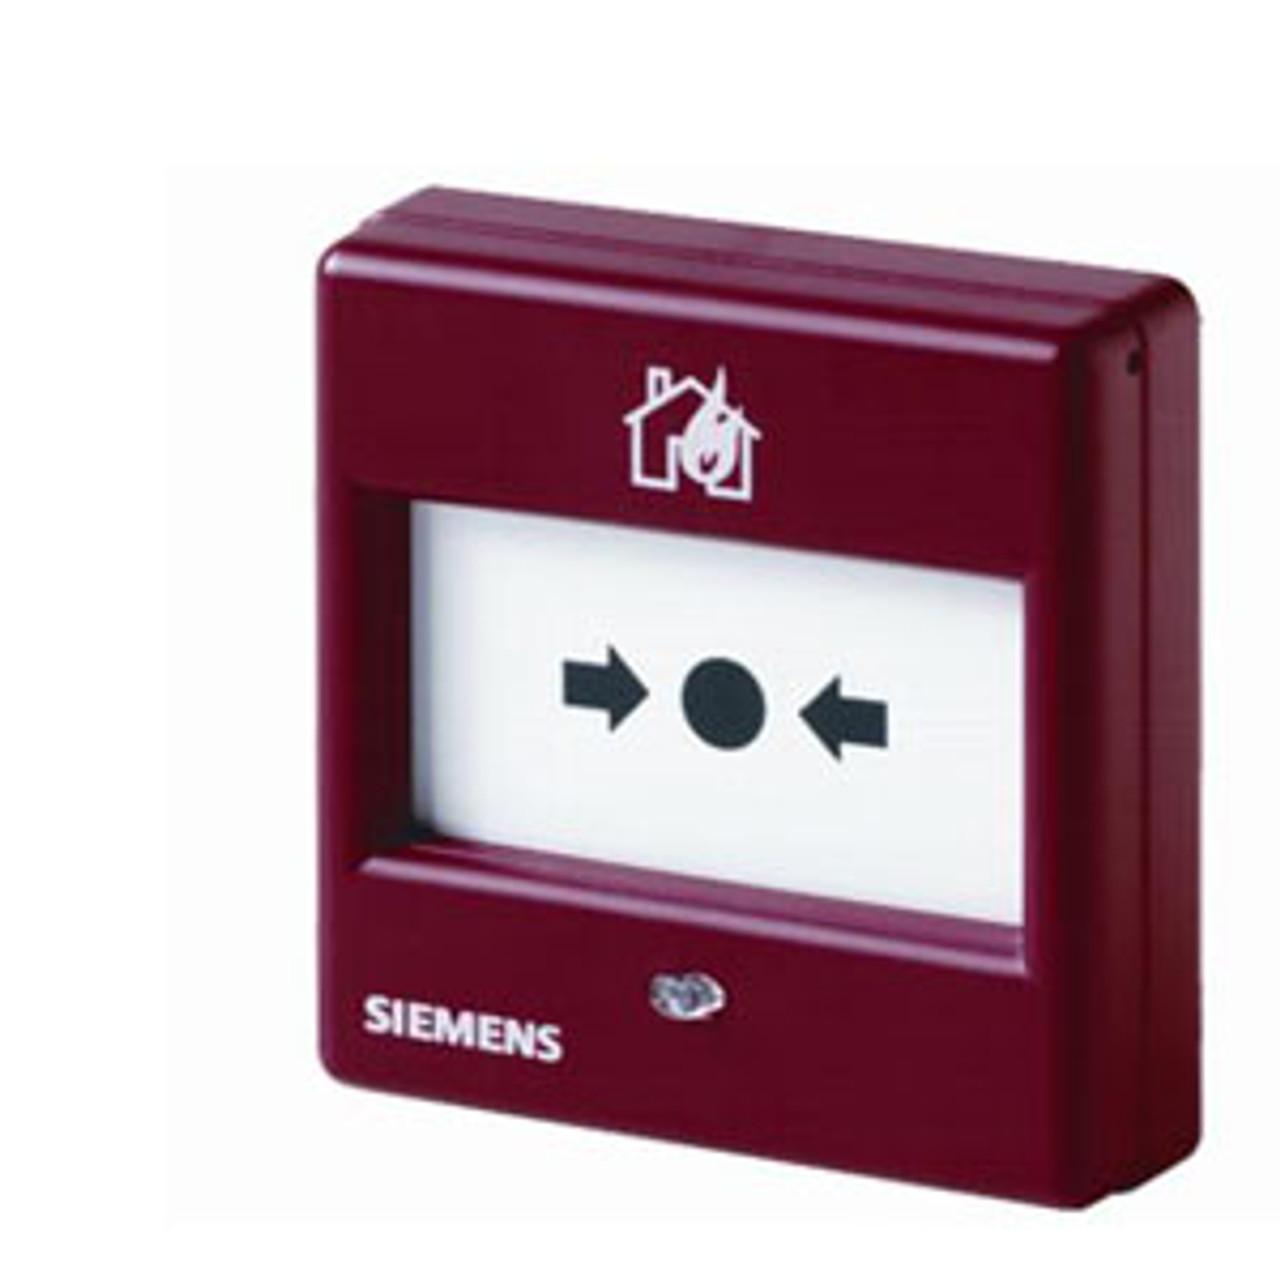 Siemens FDM1101-RP, S54371-F6-A2